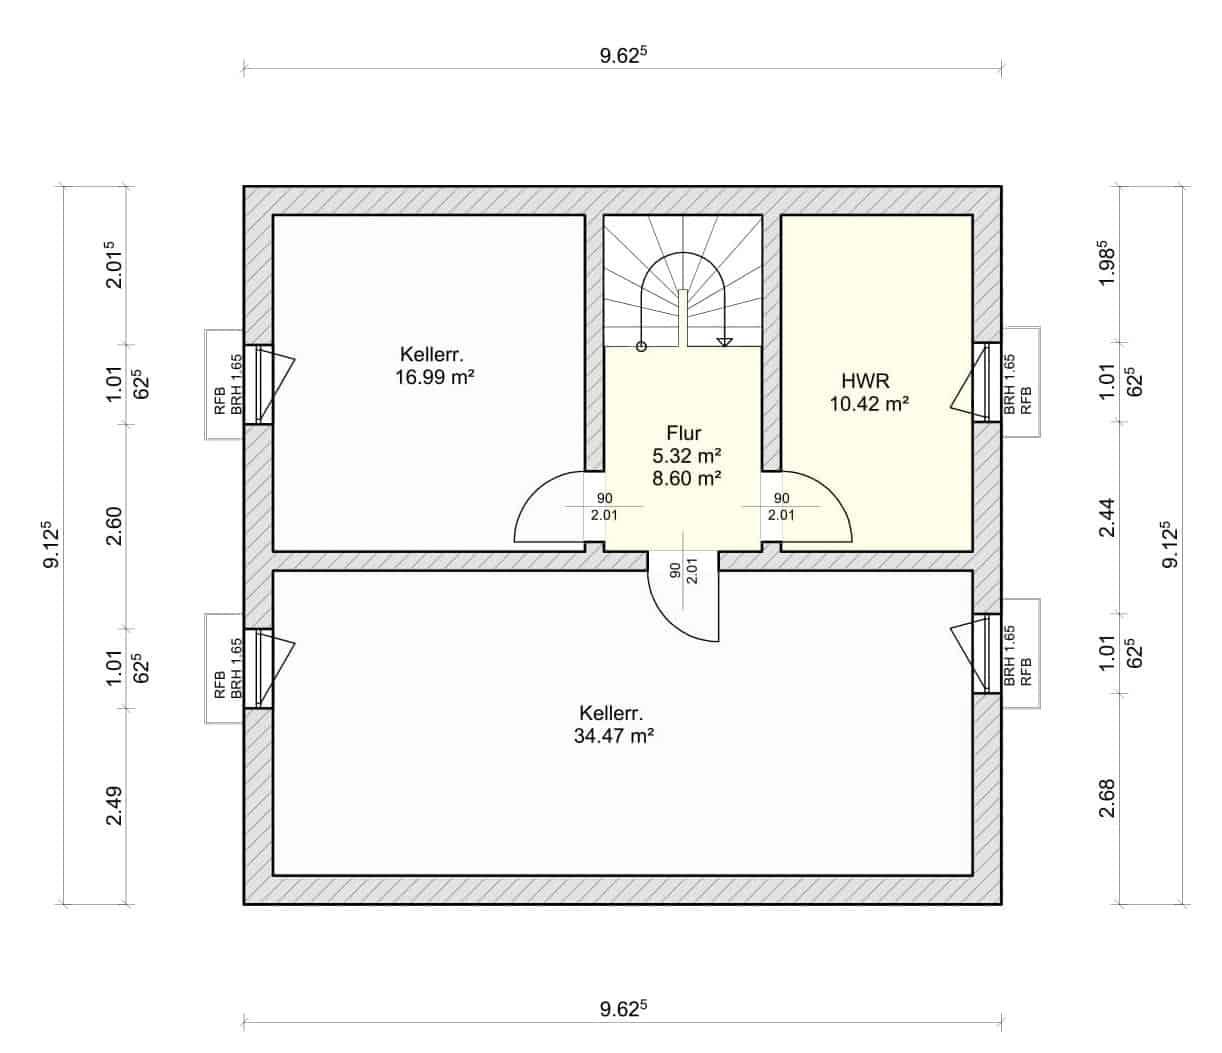 Grundriss Kellergeschoss Haus Schneezauber Dorn Bau